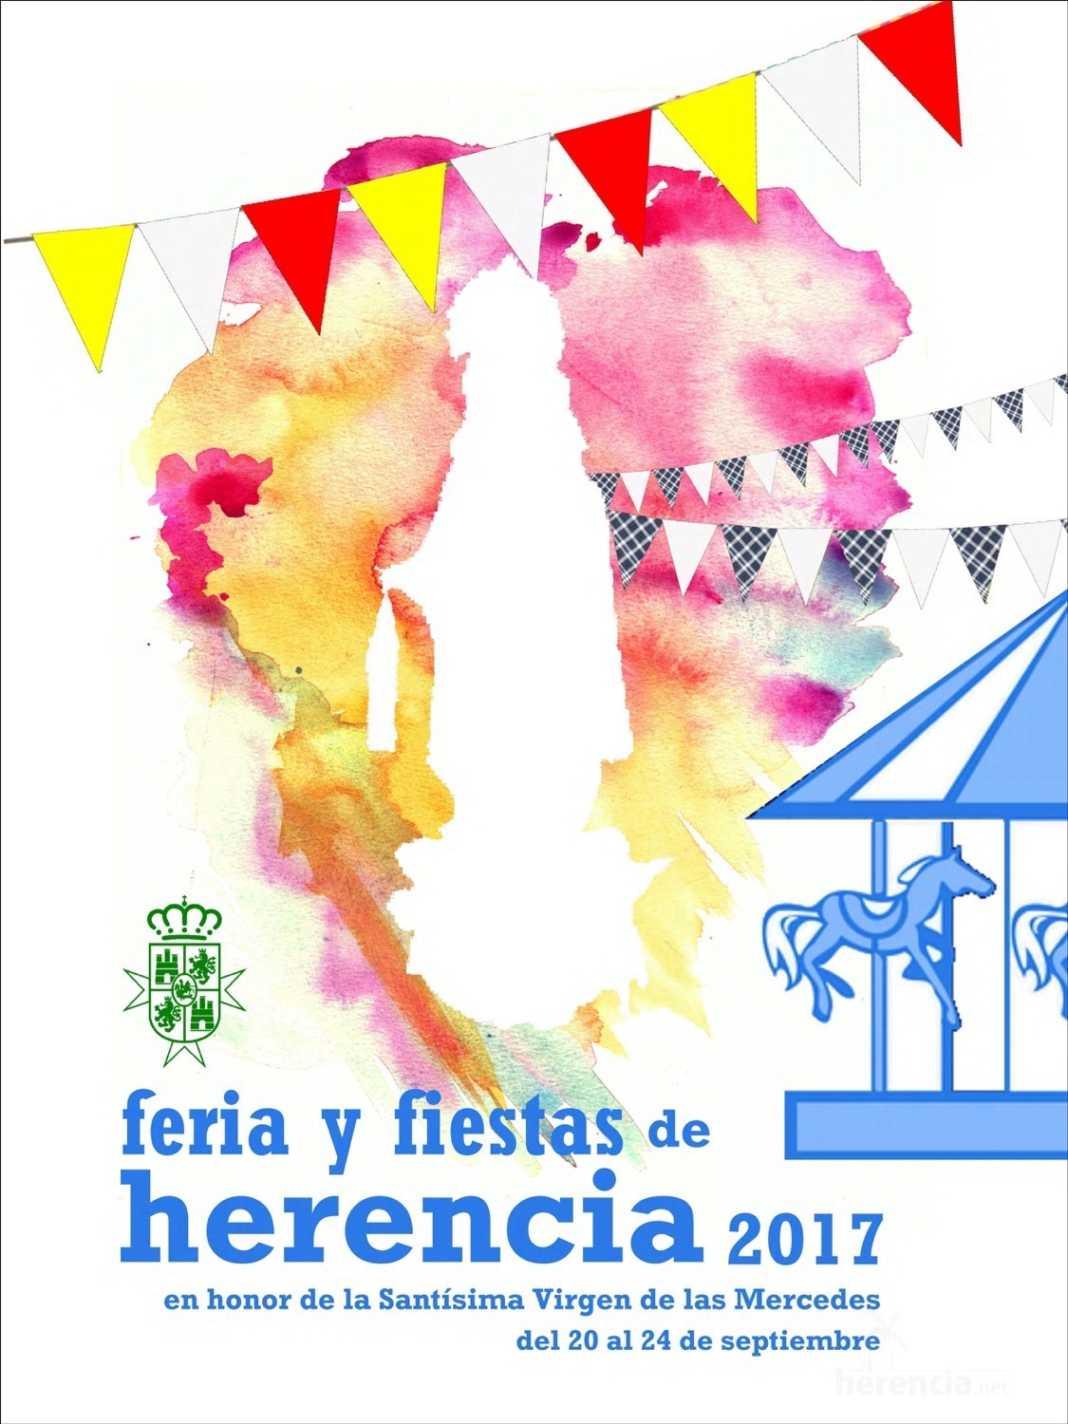 Libro de Feria y Fiestas de Herencia 2017 online 1